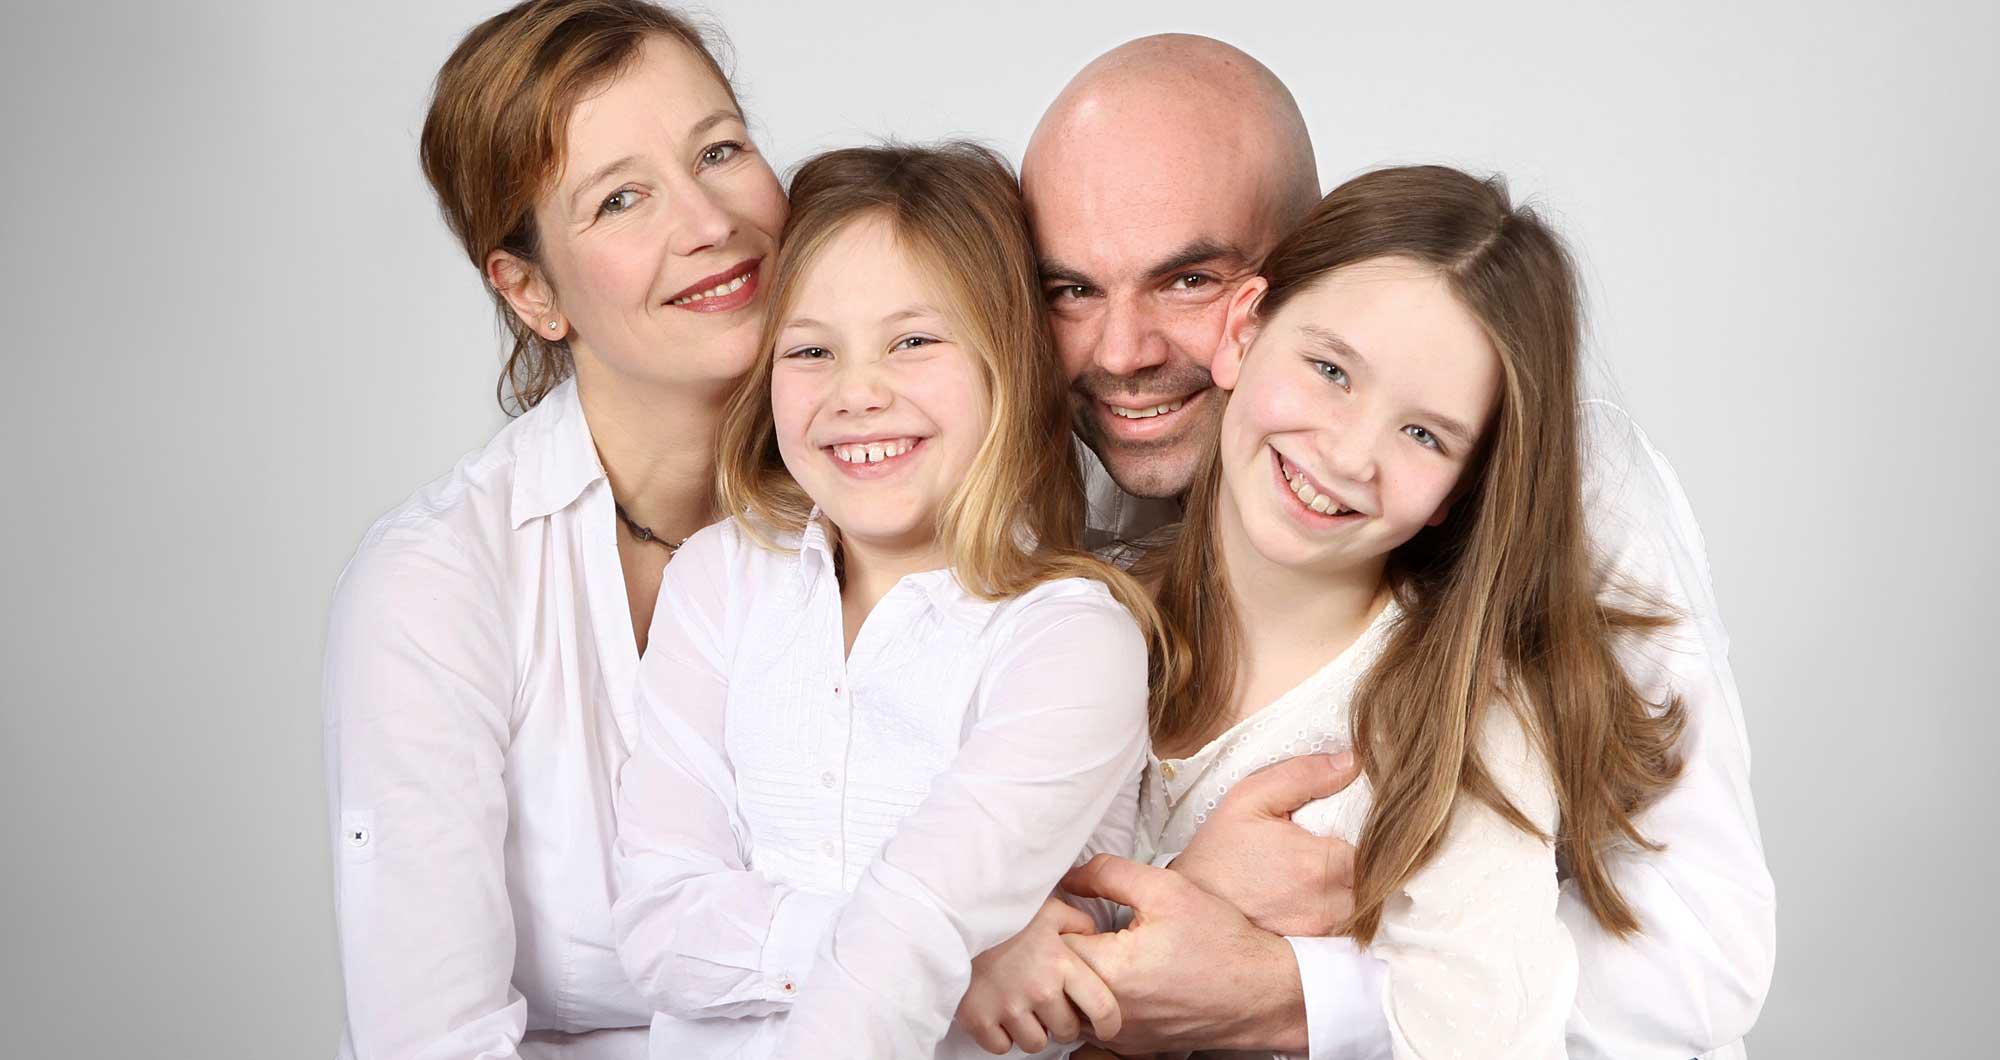 familieundkinderfoto-lenzvonkolkow31